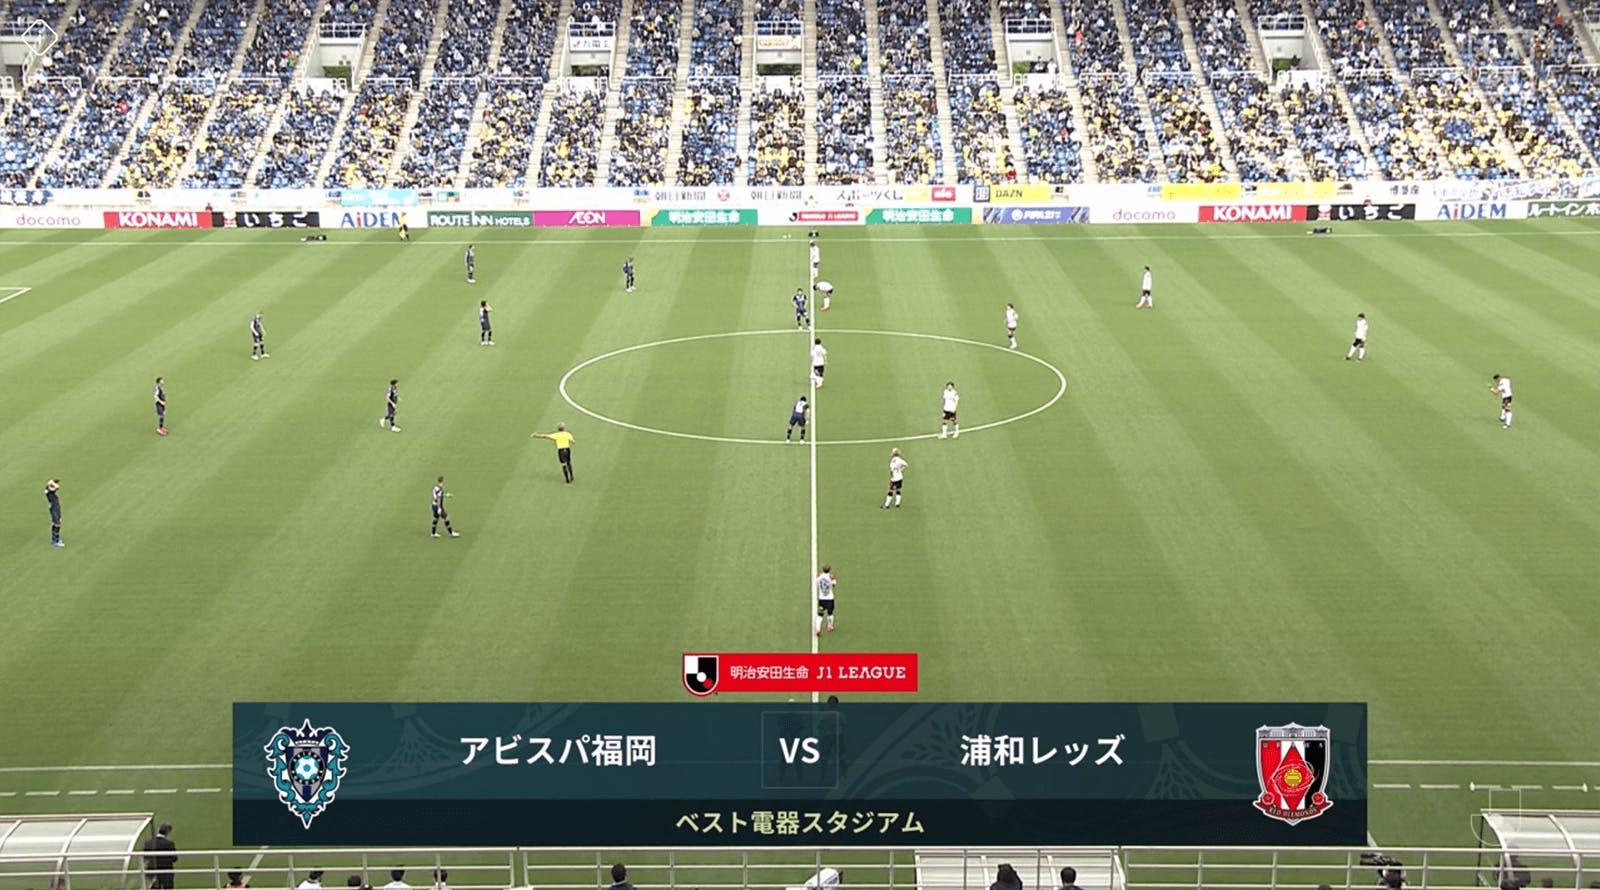 2021 Jリーグ 第12節 ベスト電器スタジアム アウェー アビスパ福岡戦